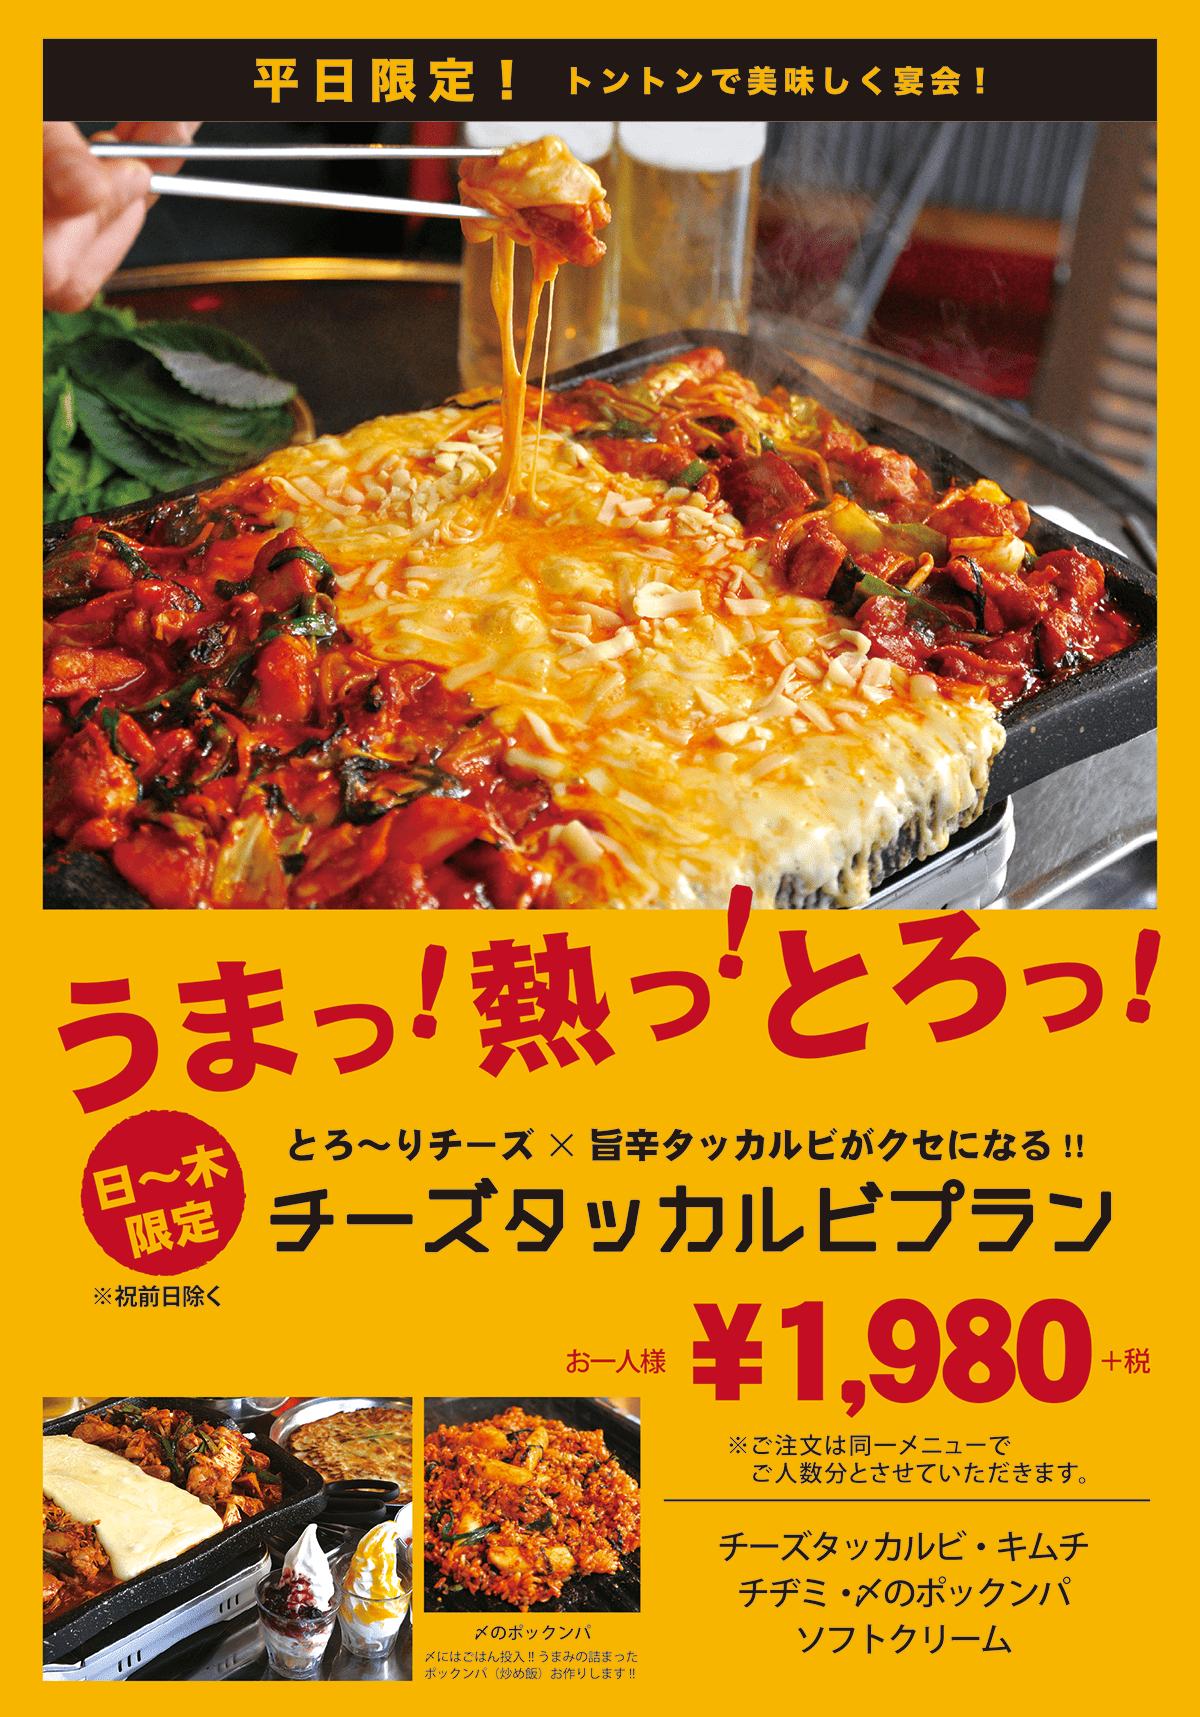 韓国焼肉トントンの平日限定チーズタッカルビプラン